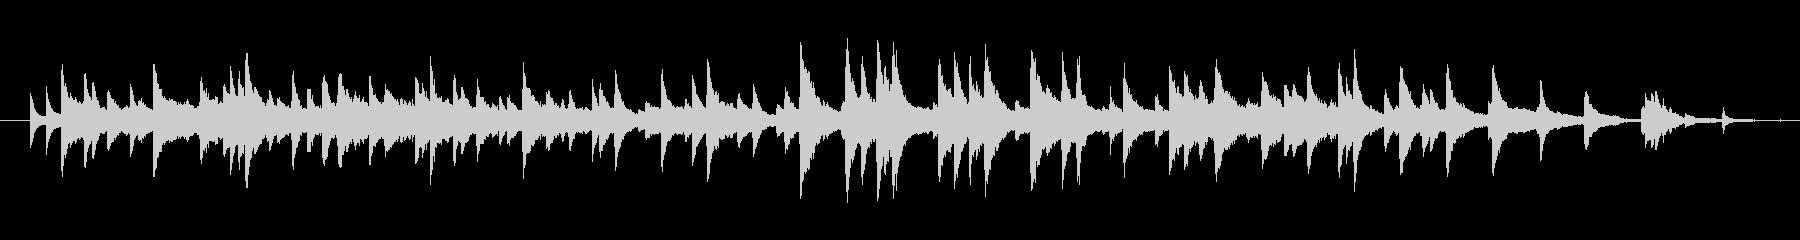 やさしくて和やかなピアノメロディーの未再生の波形